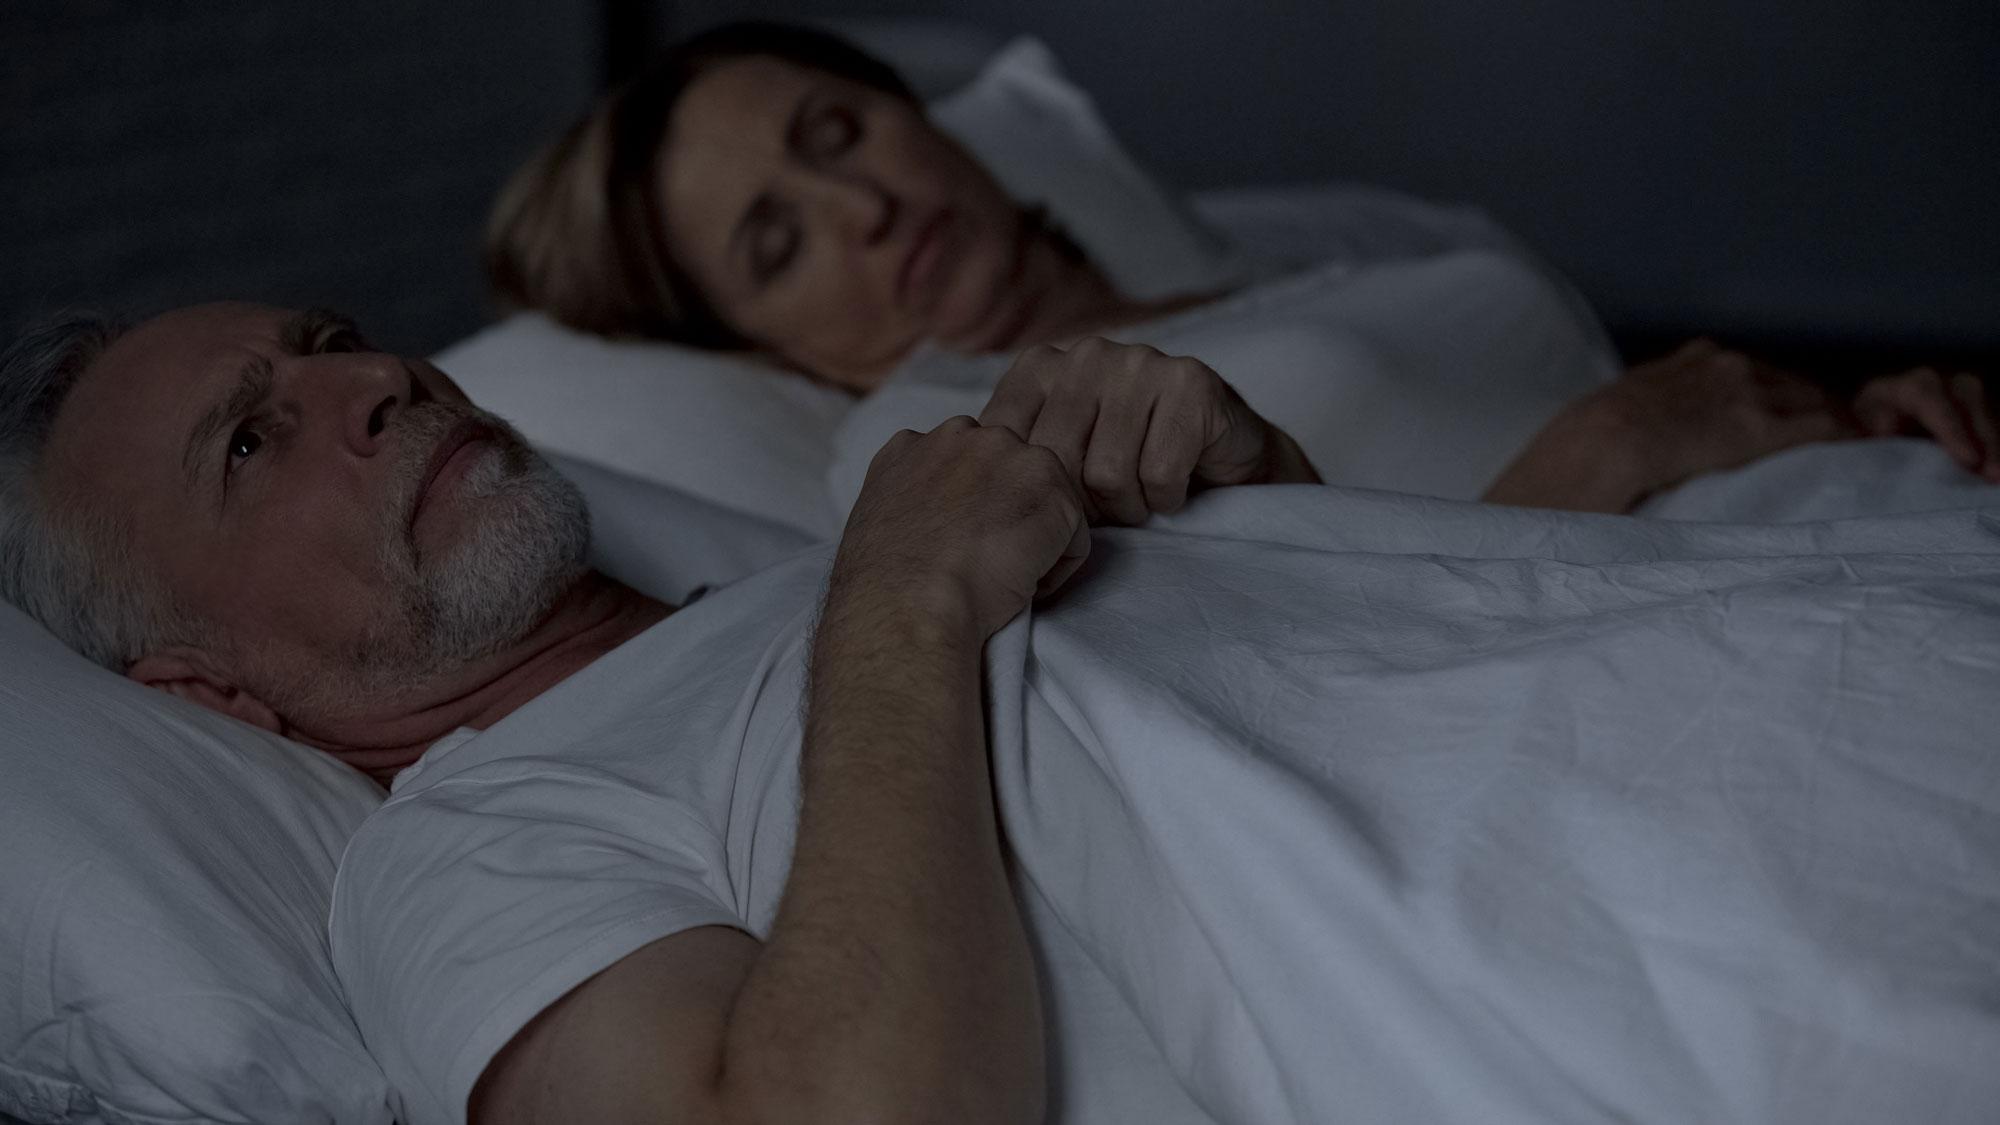 Mann ligger i sengen og får ikke sove. Foto